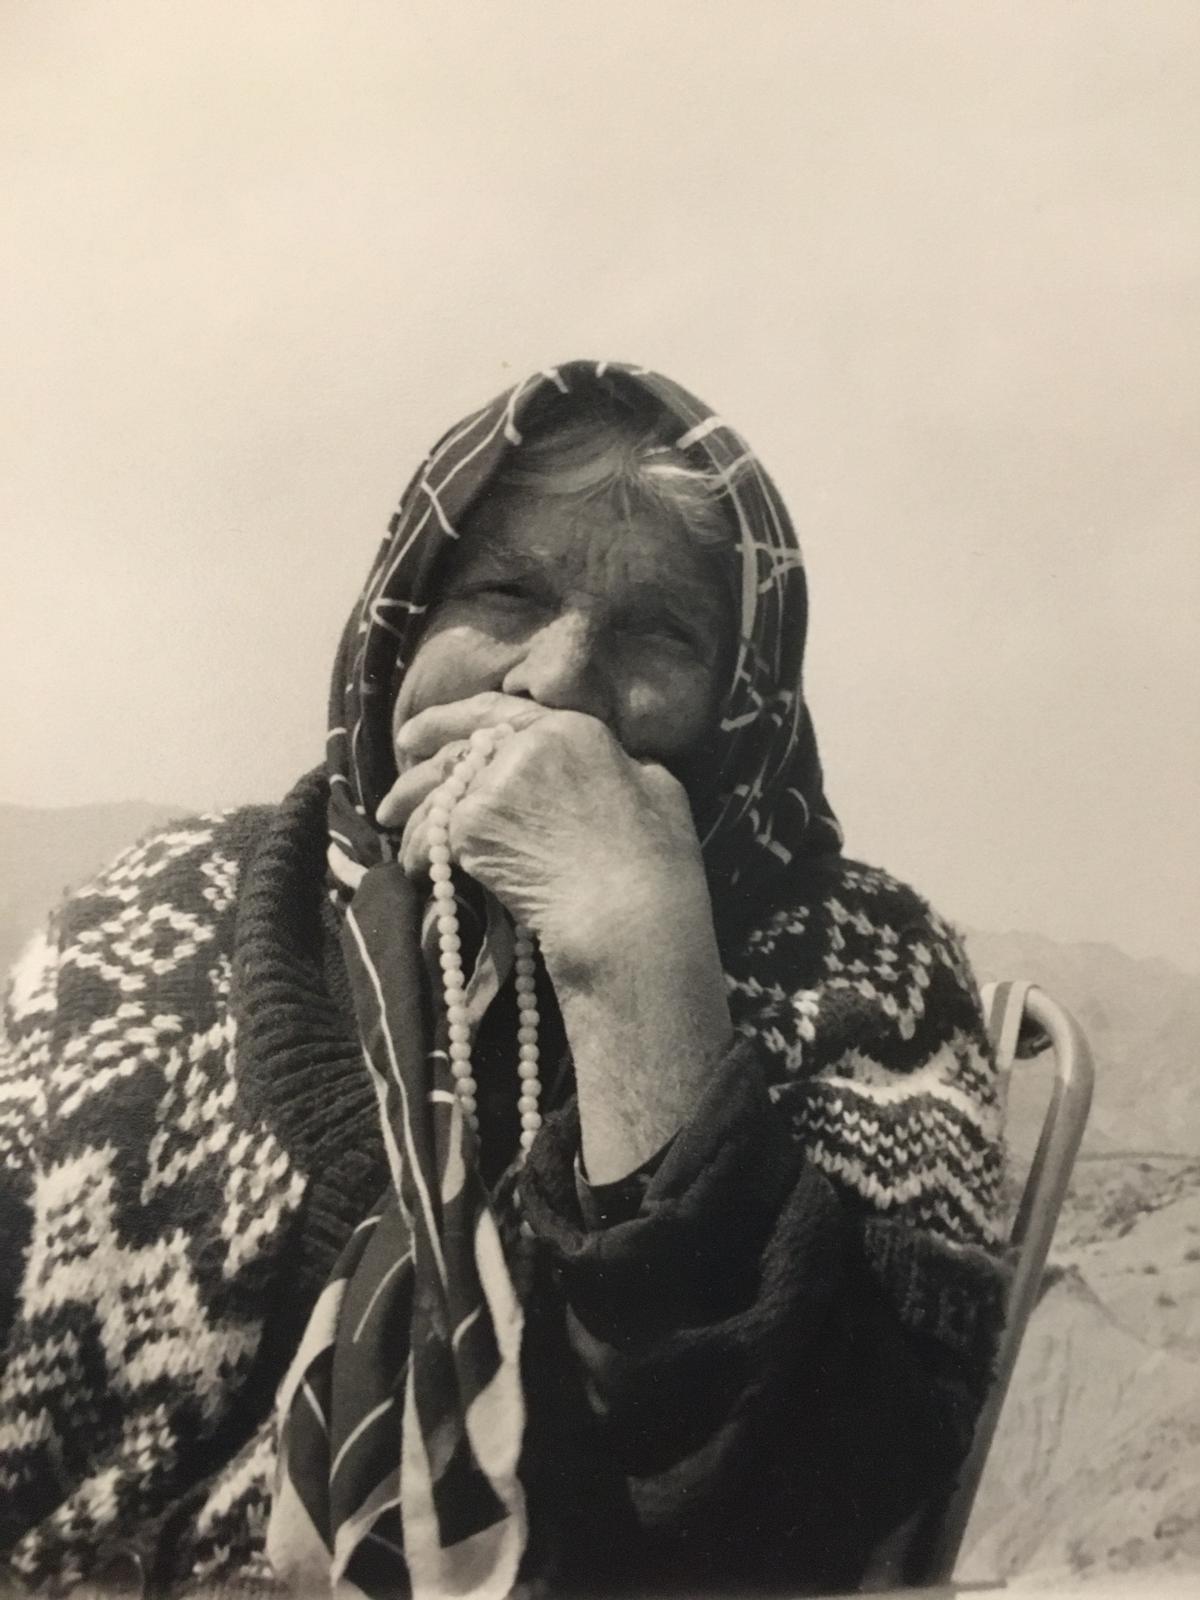 آتش سوزی در شهرک انارک اصفهان مرگ تلخ مادر بزرگ